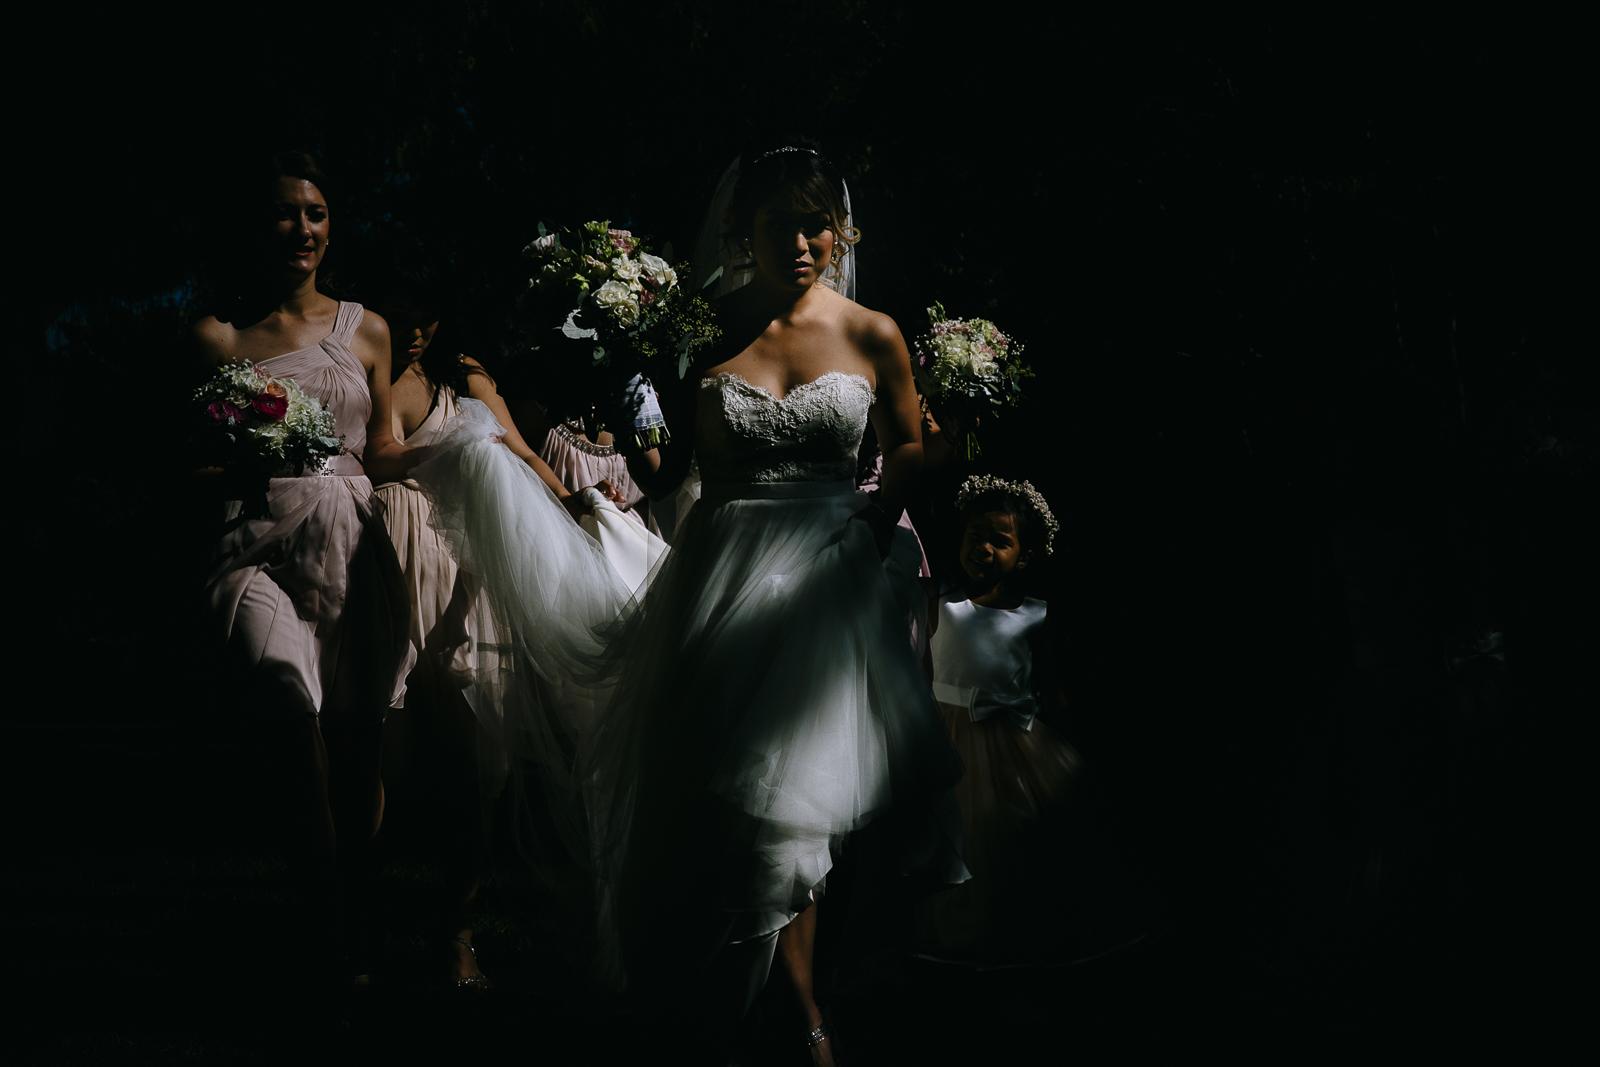 0001_JEFF_&_JESSICA_WEDDING_SESSION_BALBOA_PARK_LEAFWEDDINGPHOTOGRAPHY_20160326_IMG_0304.JPG